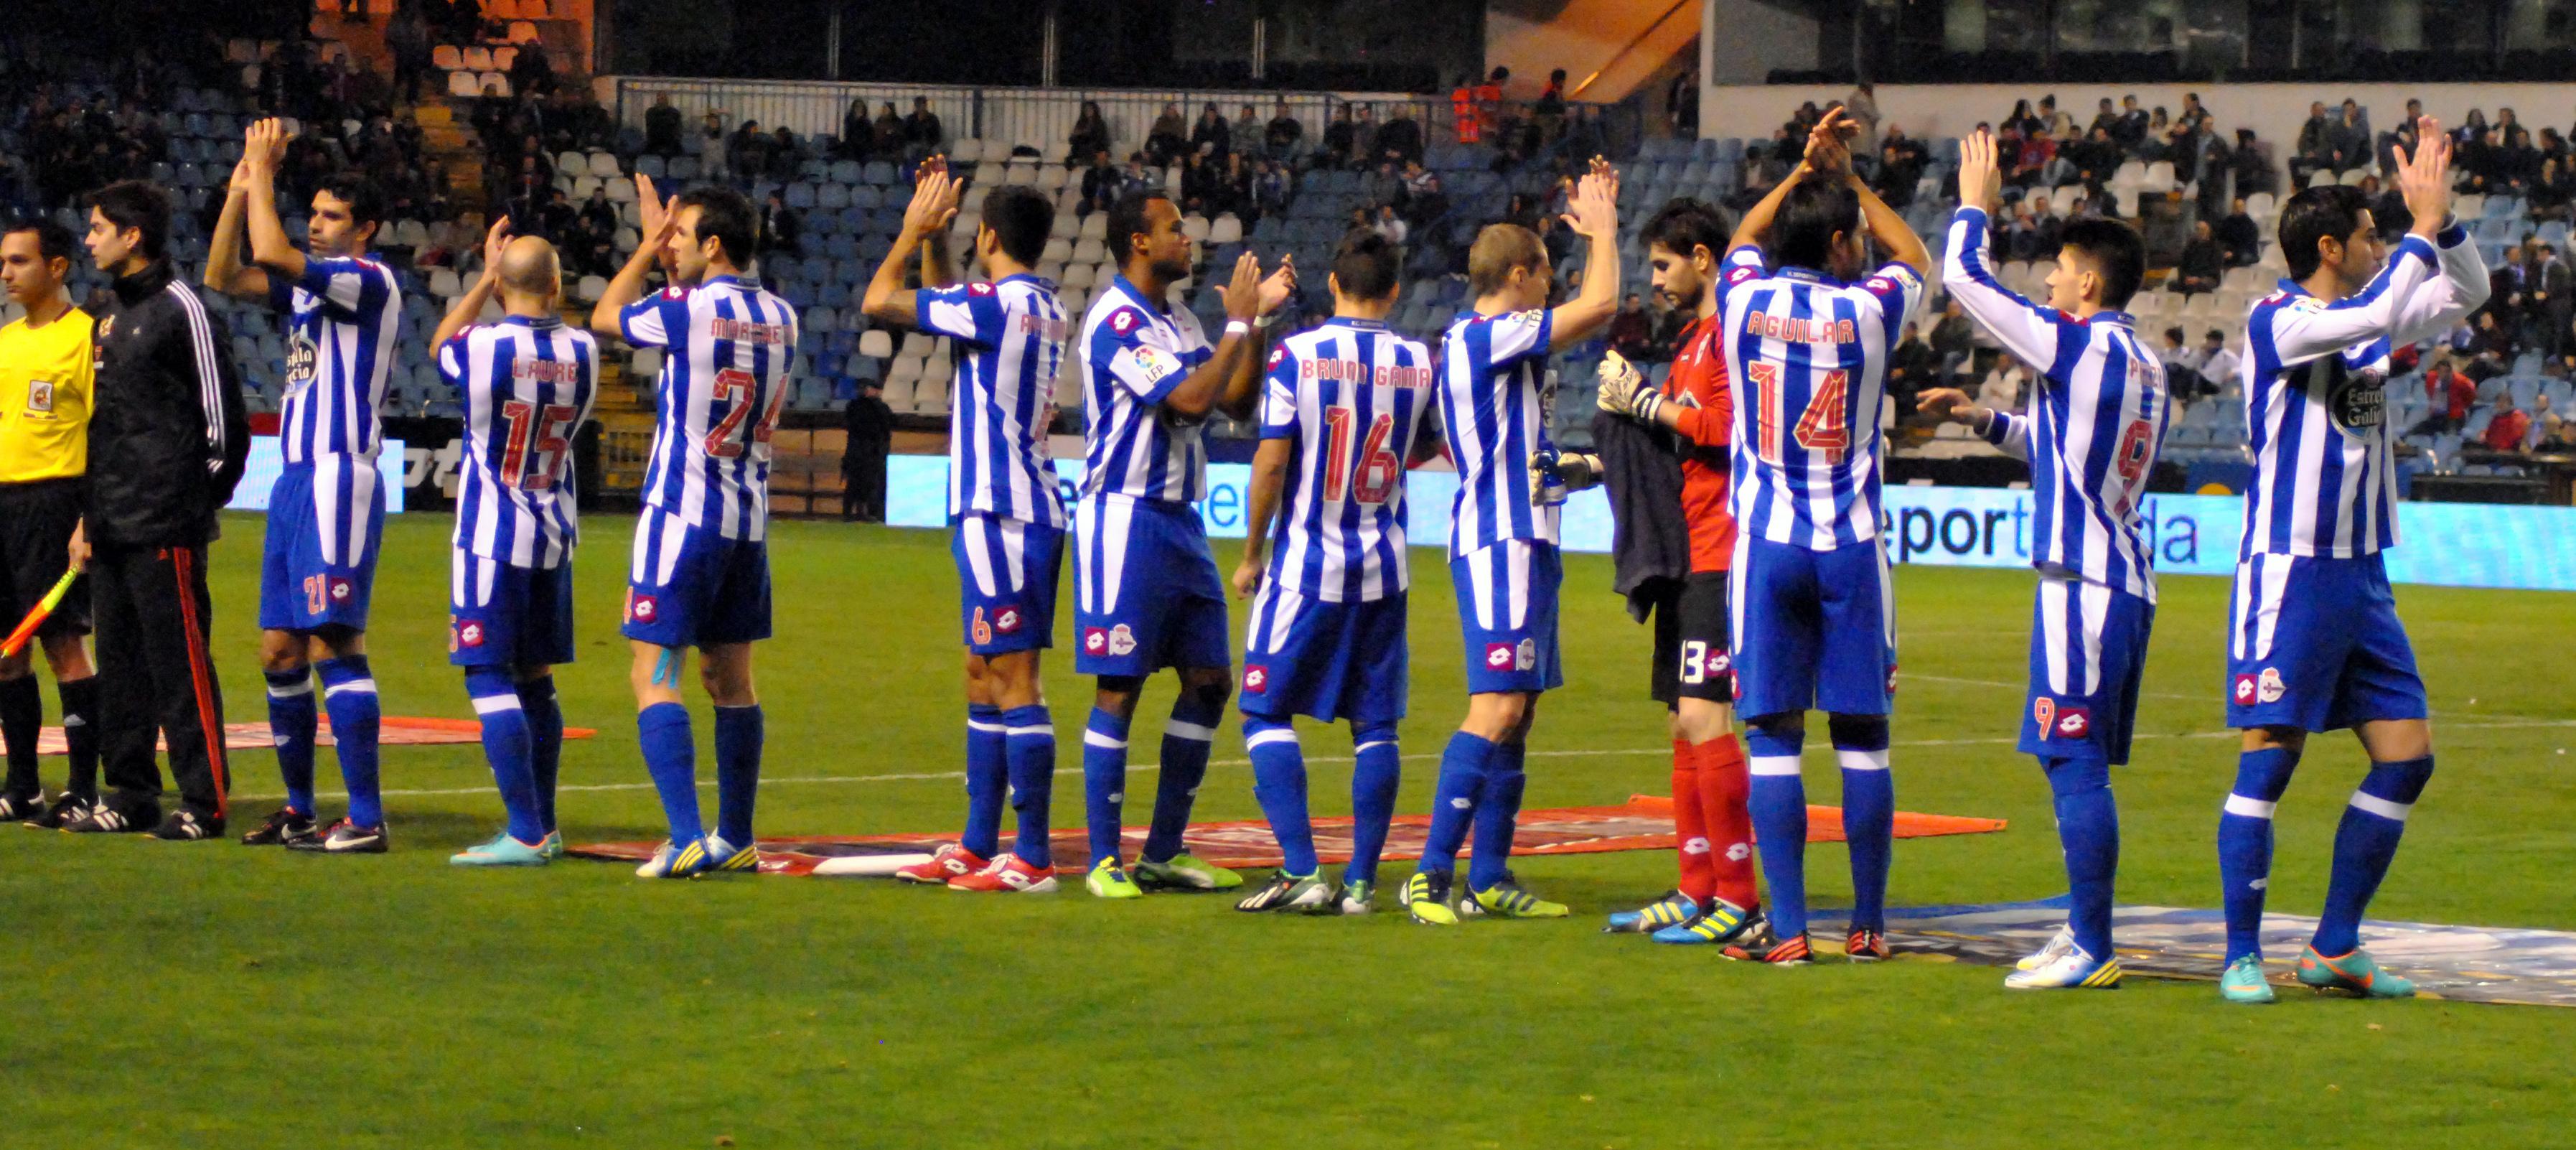 Las mejores imágenes del Deportivo - Valladolid